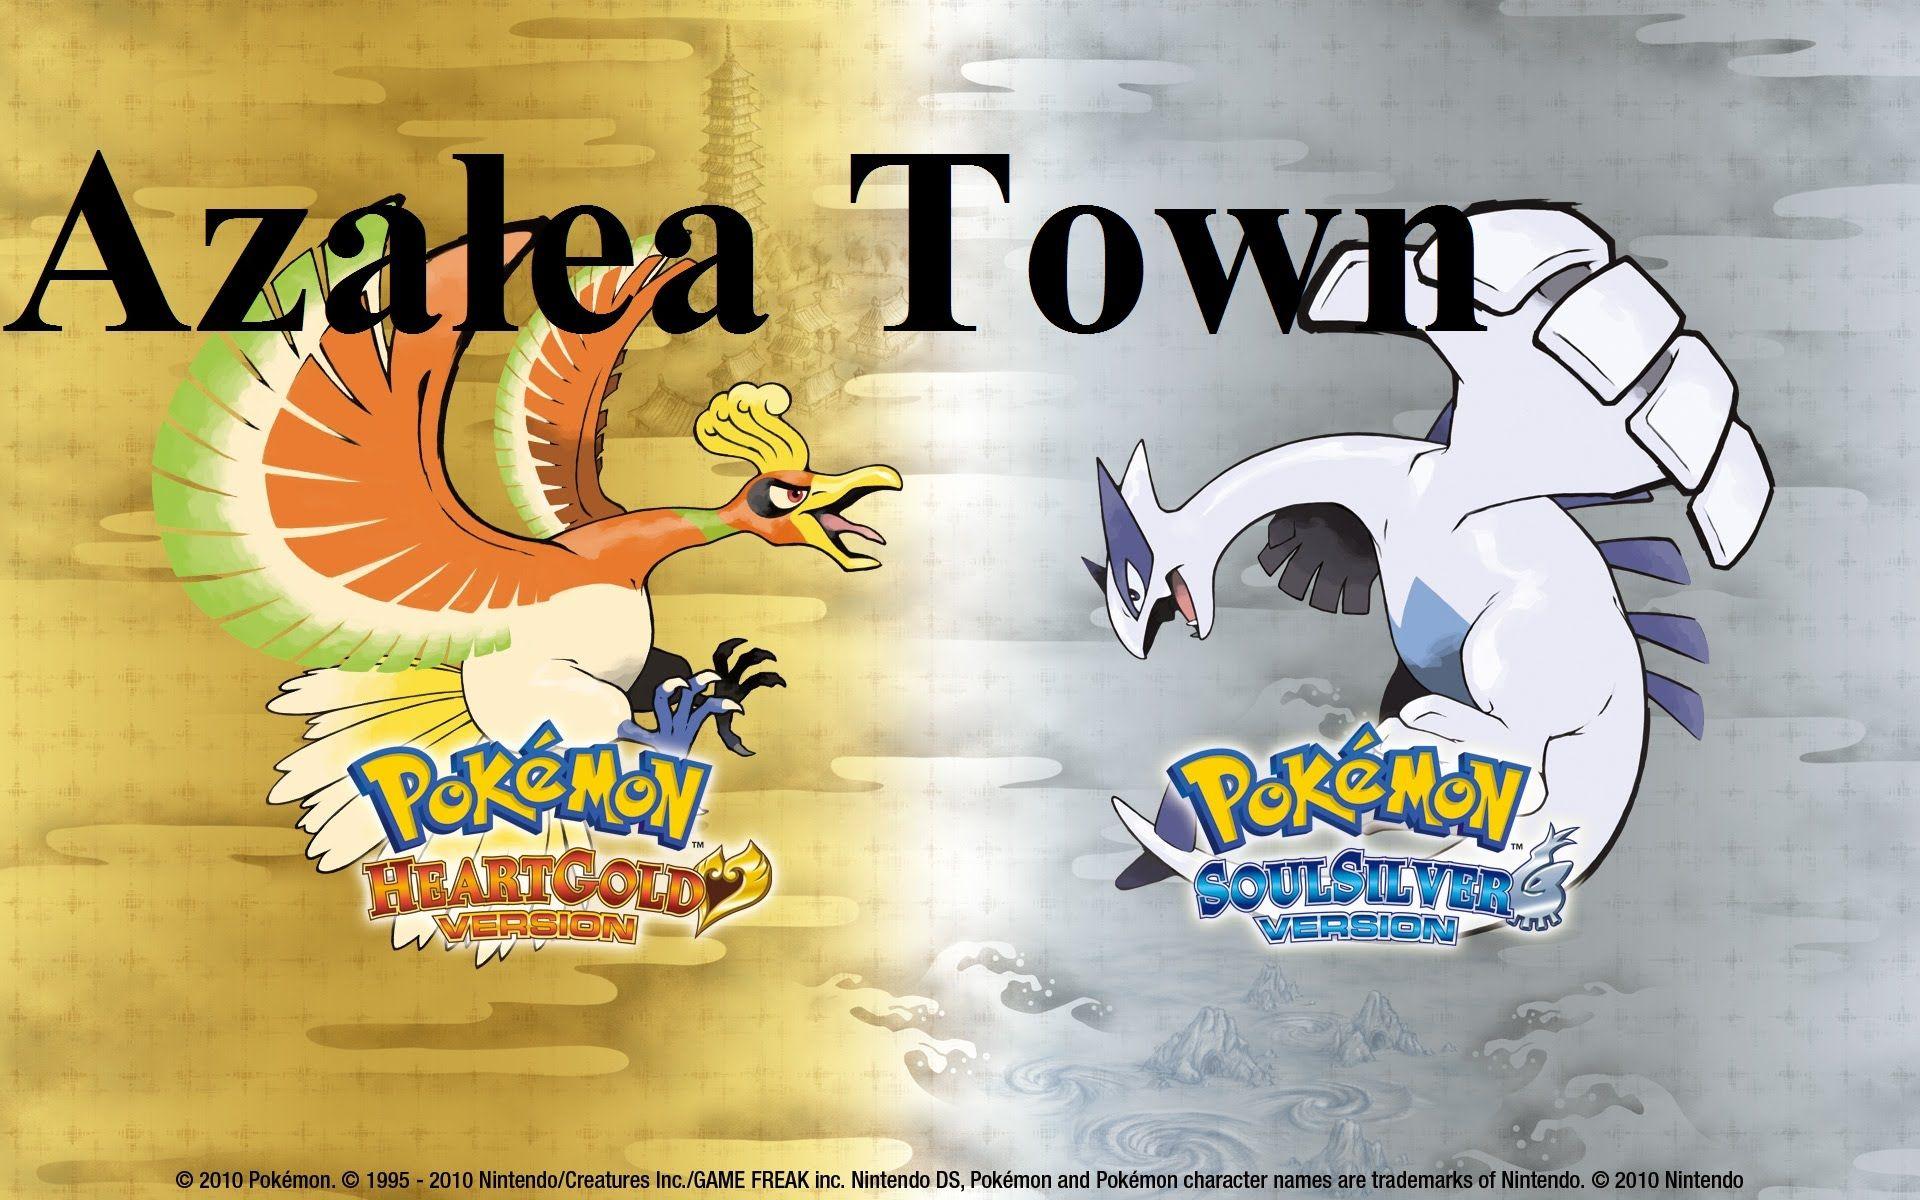 Azalea Town Pokemon Heart Gold Soul Silver Crystal Arrangement